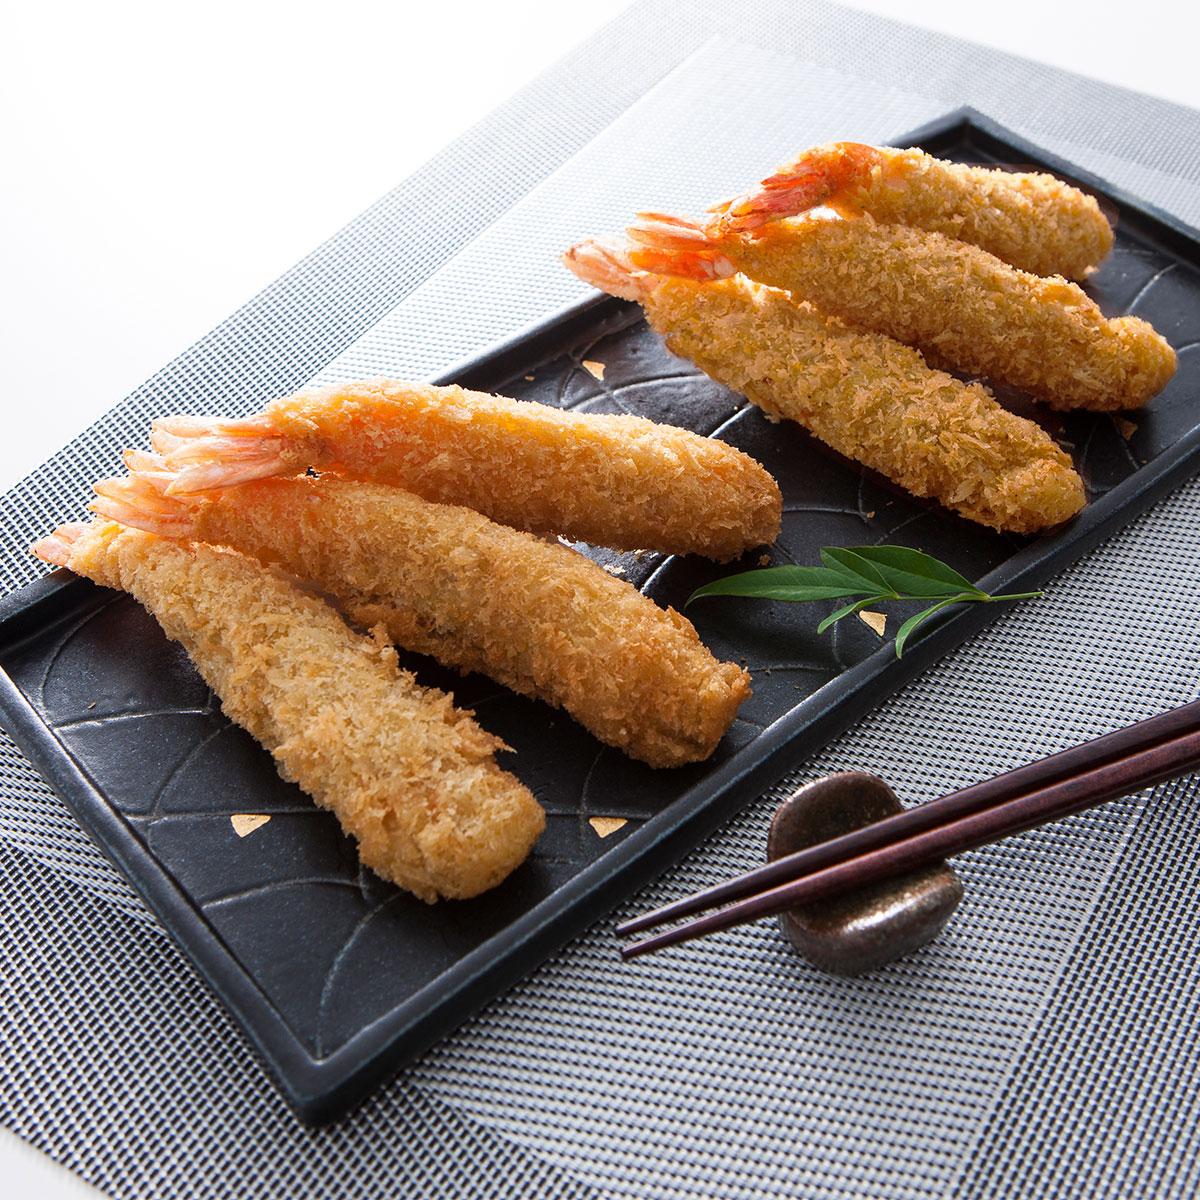 えびフライ 有限会社山世水産 山口県 ぷりぷり食感の大きな手作りえびフライ。シンプルな味付けのプレーンとお子様に人気のカレー味のセット。